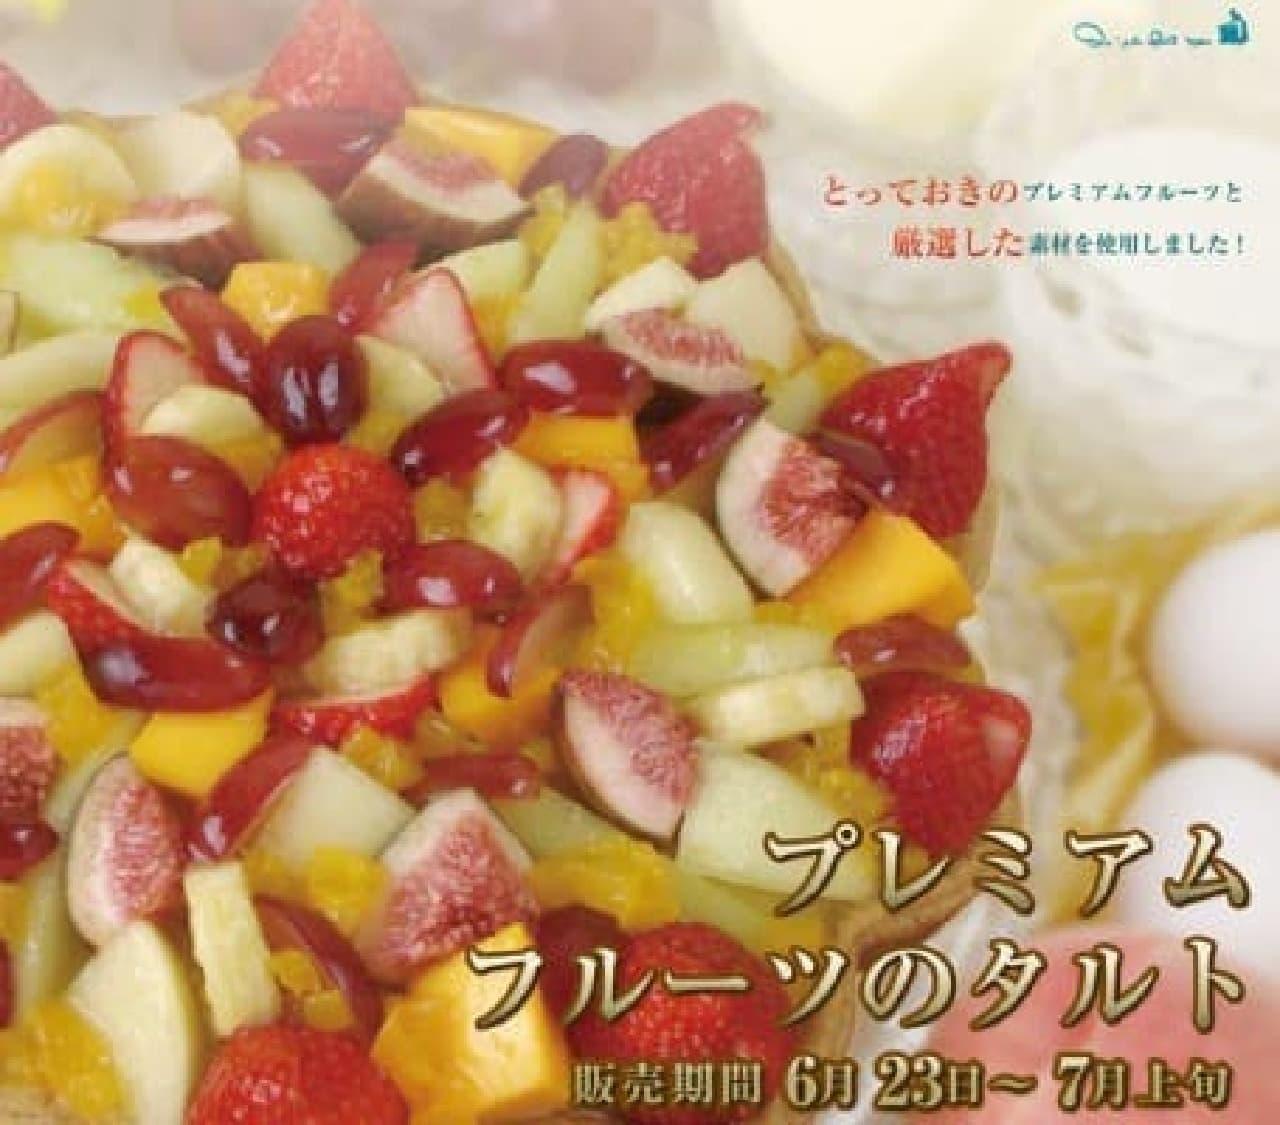 主役級フルーツを、贅沢に8種トッピング  (出典:キル フェ ボン)